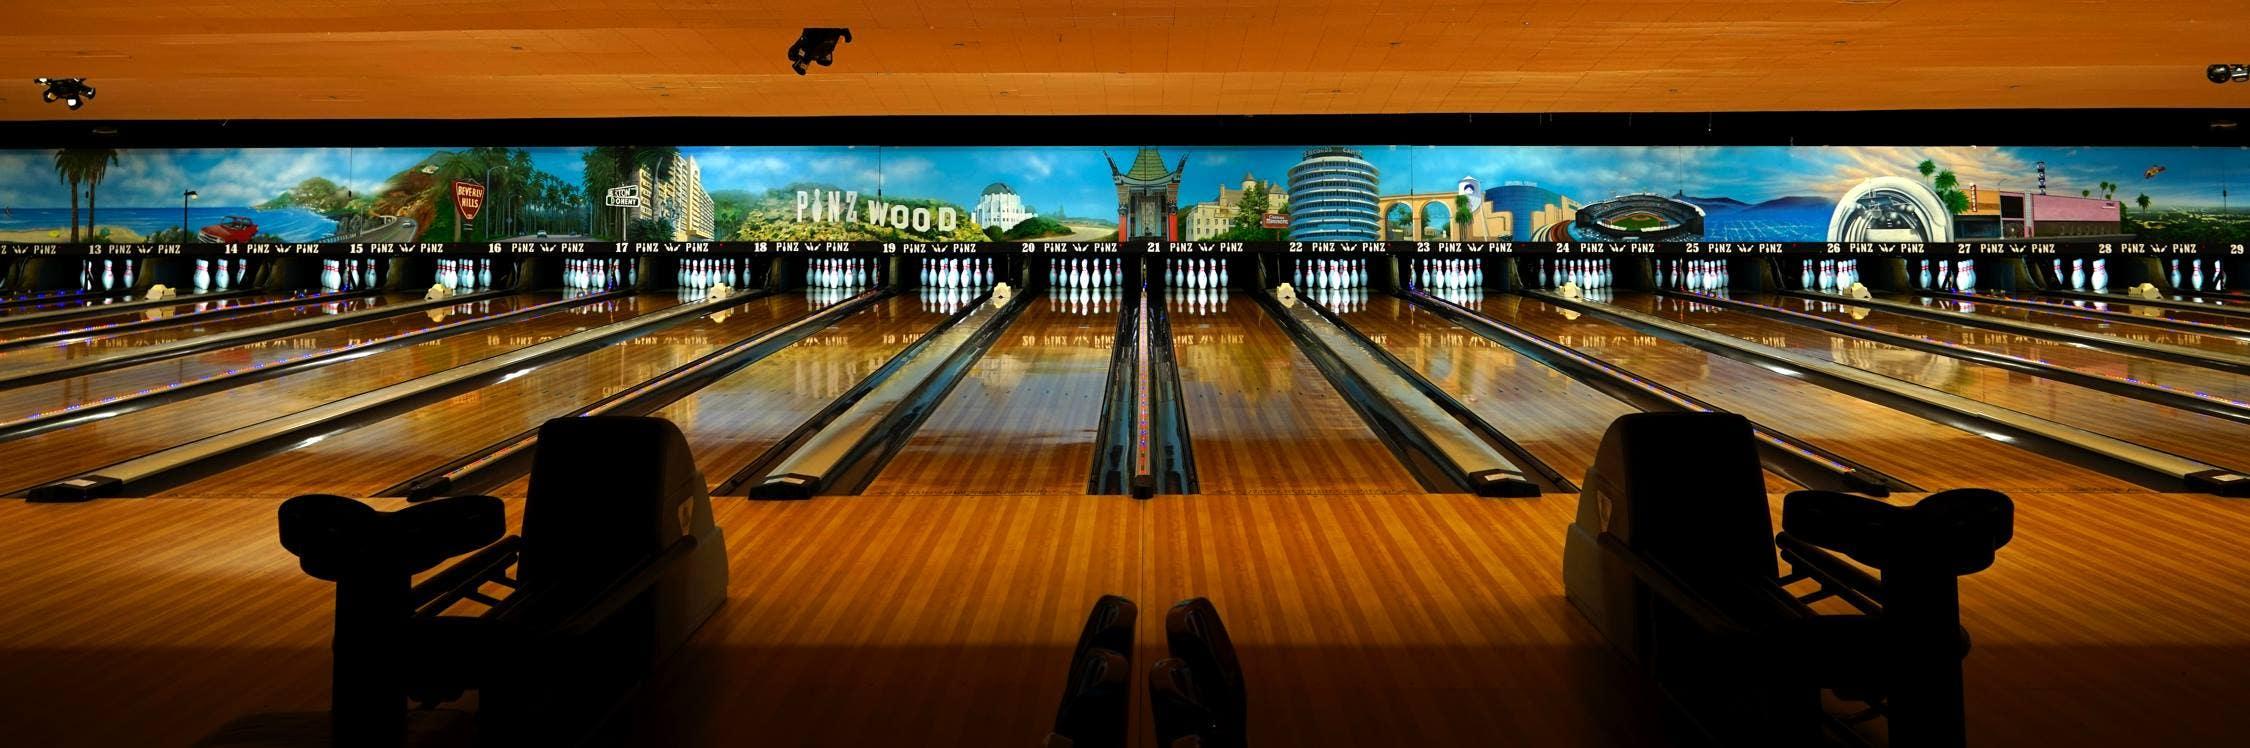 Pinz Bowling Center mural